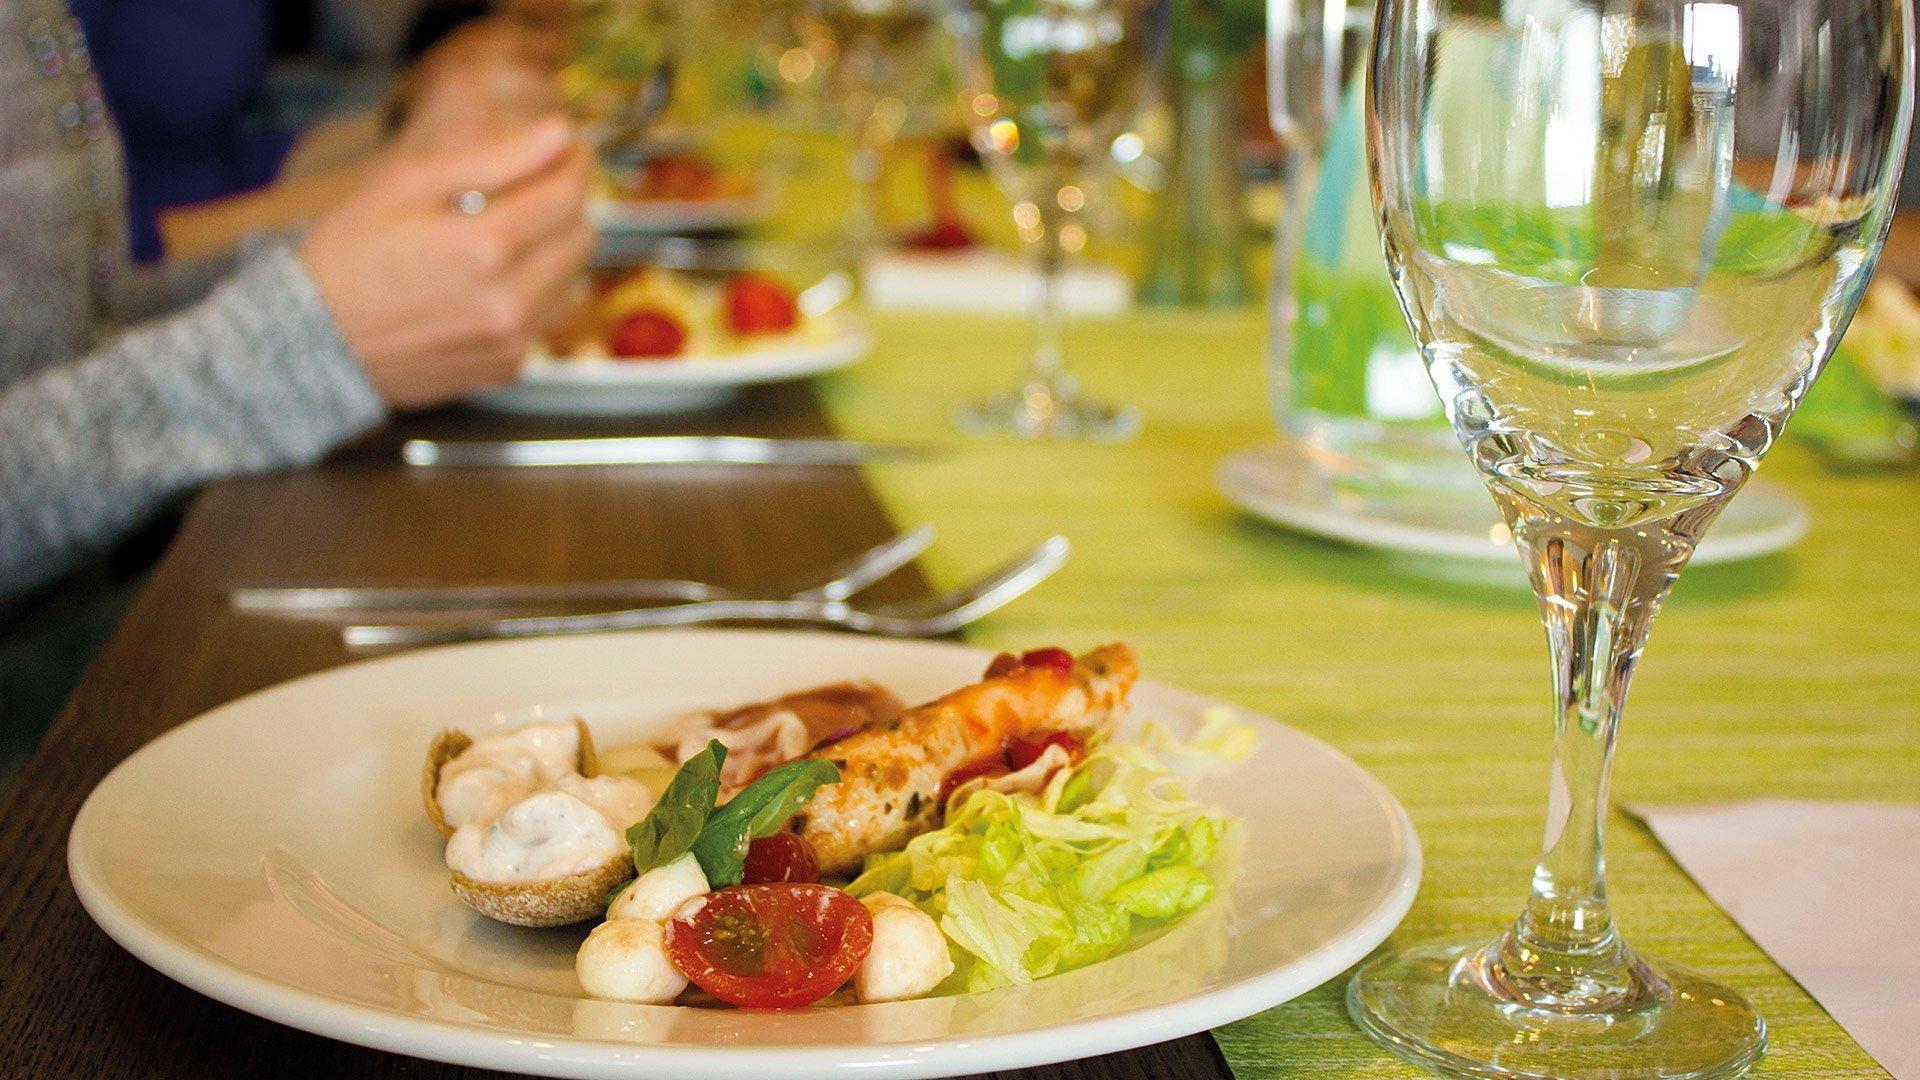 Päivälliskattaus ravintola Leiripaikassa.